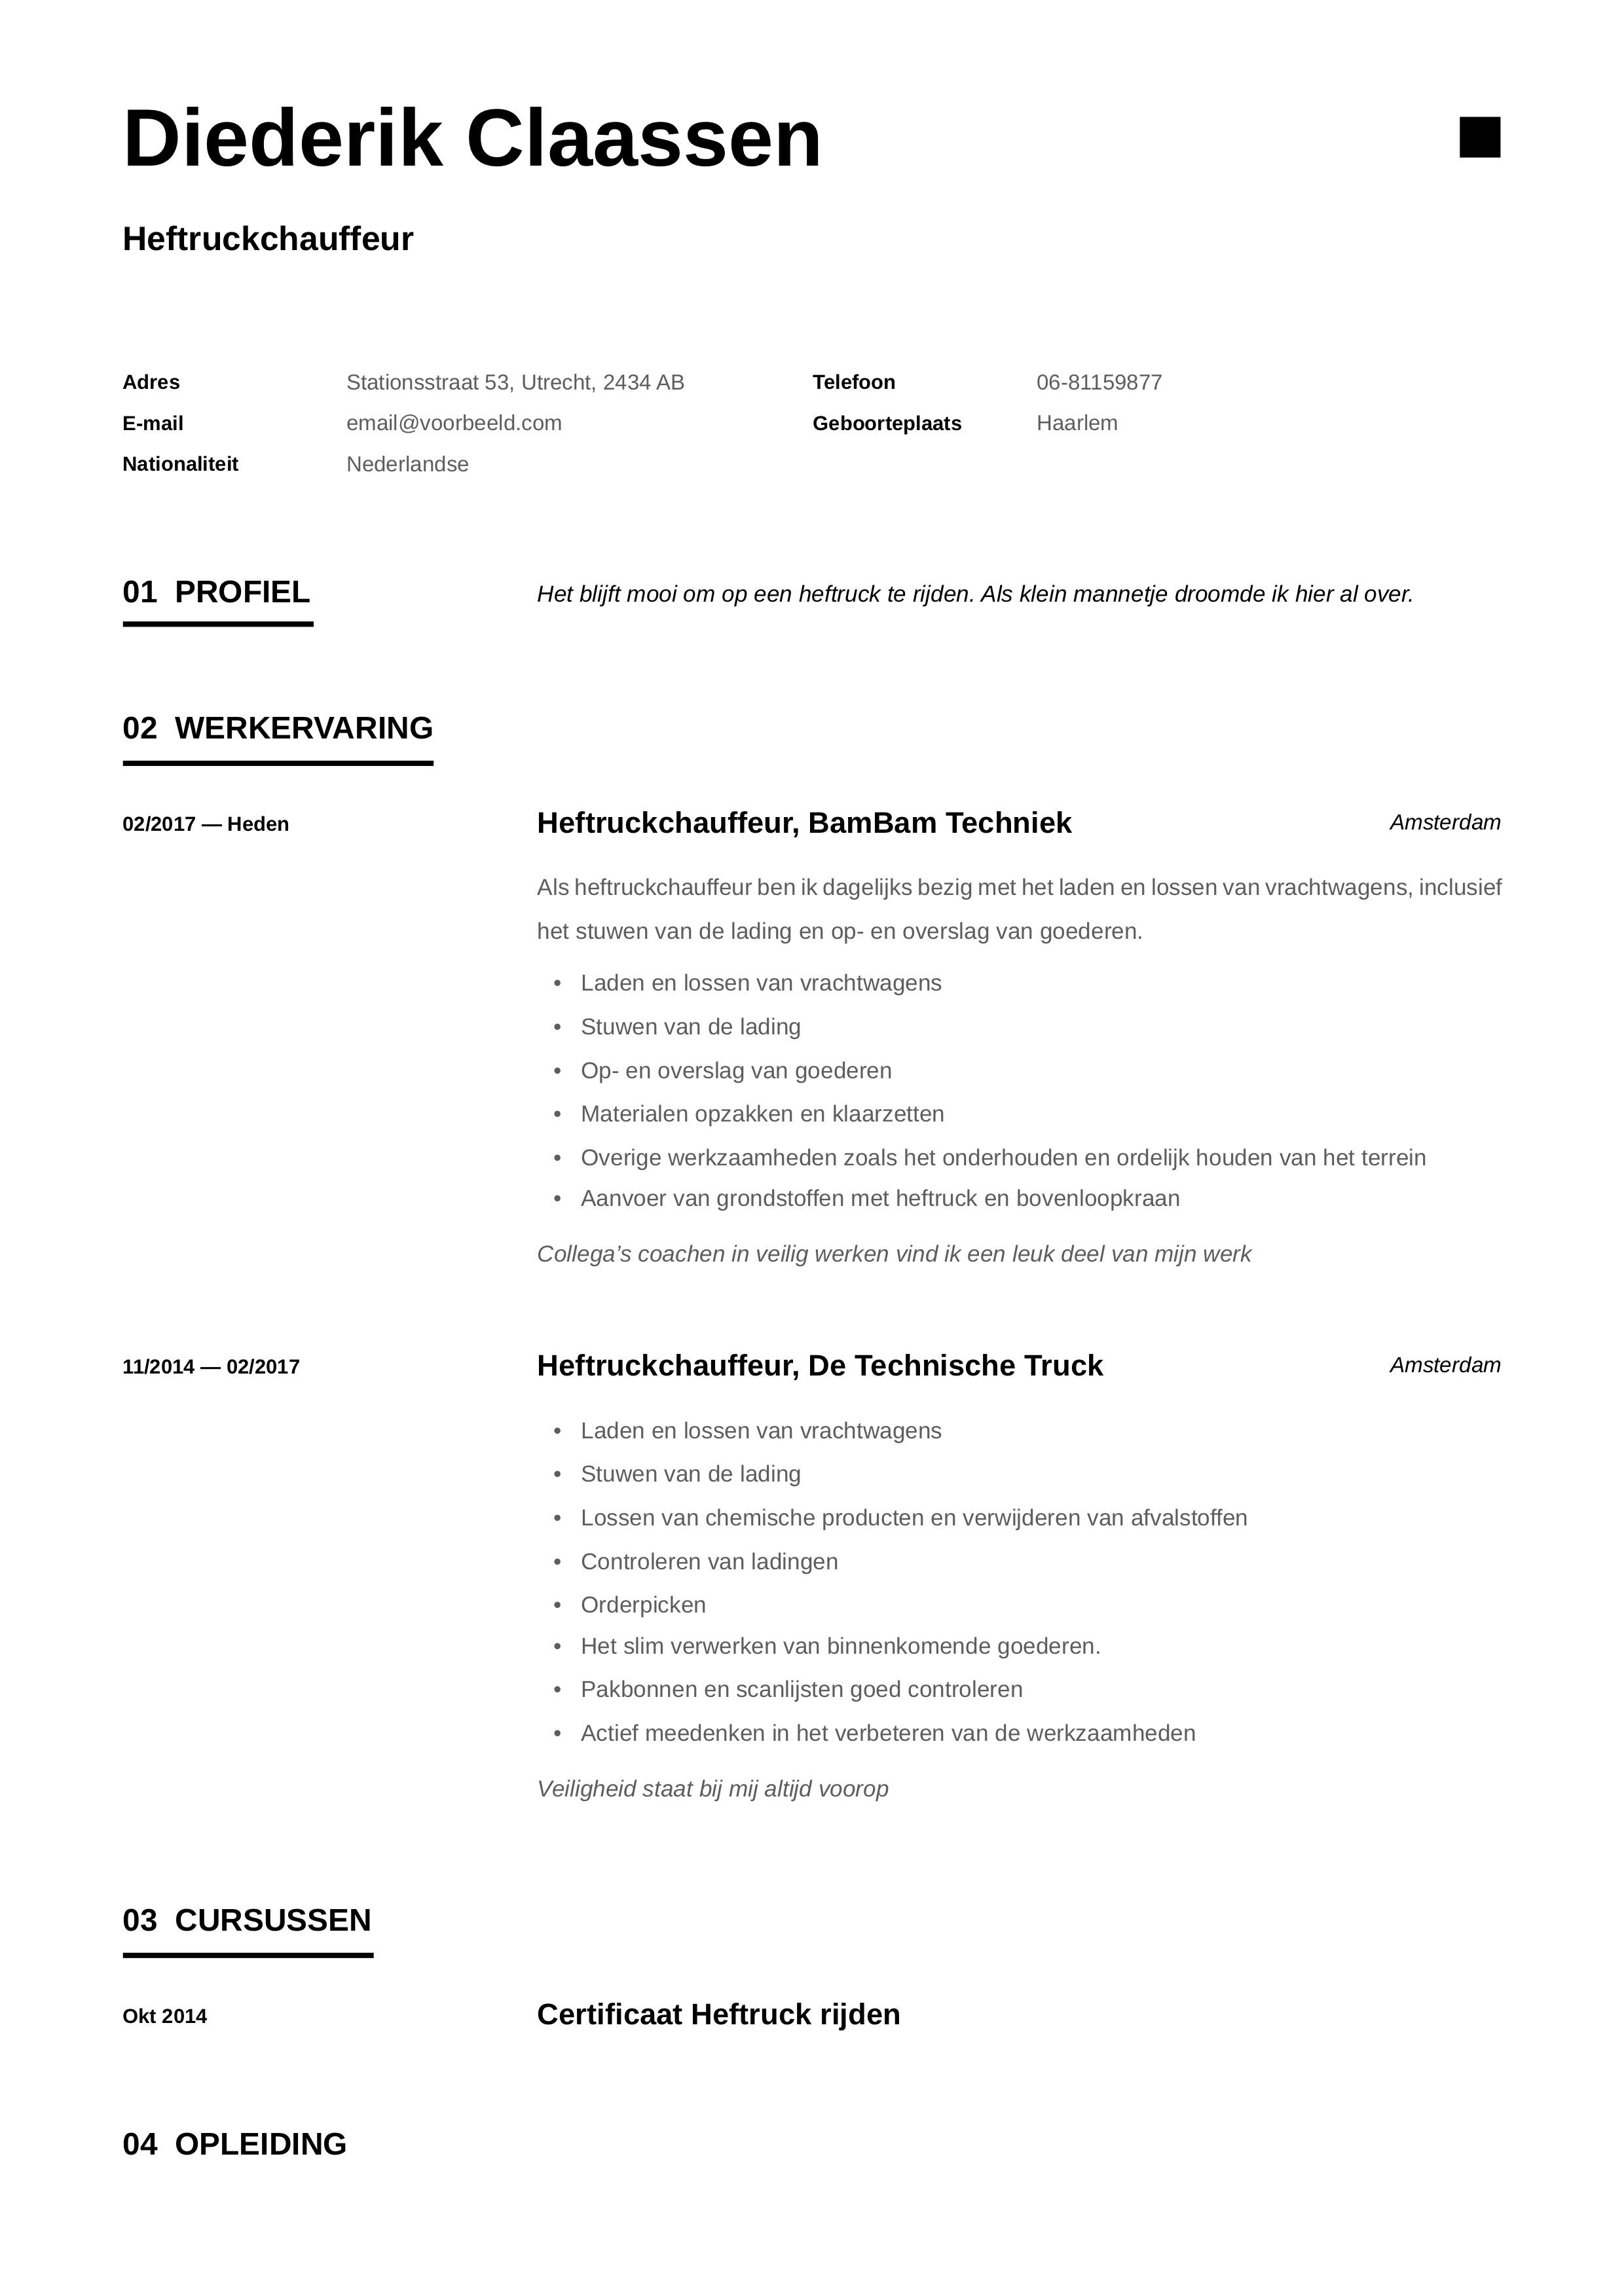 CV Heftruckchauffeur